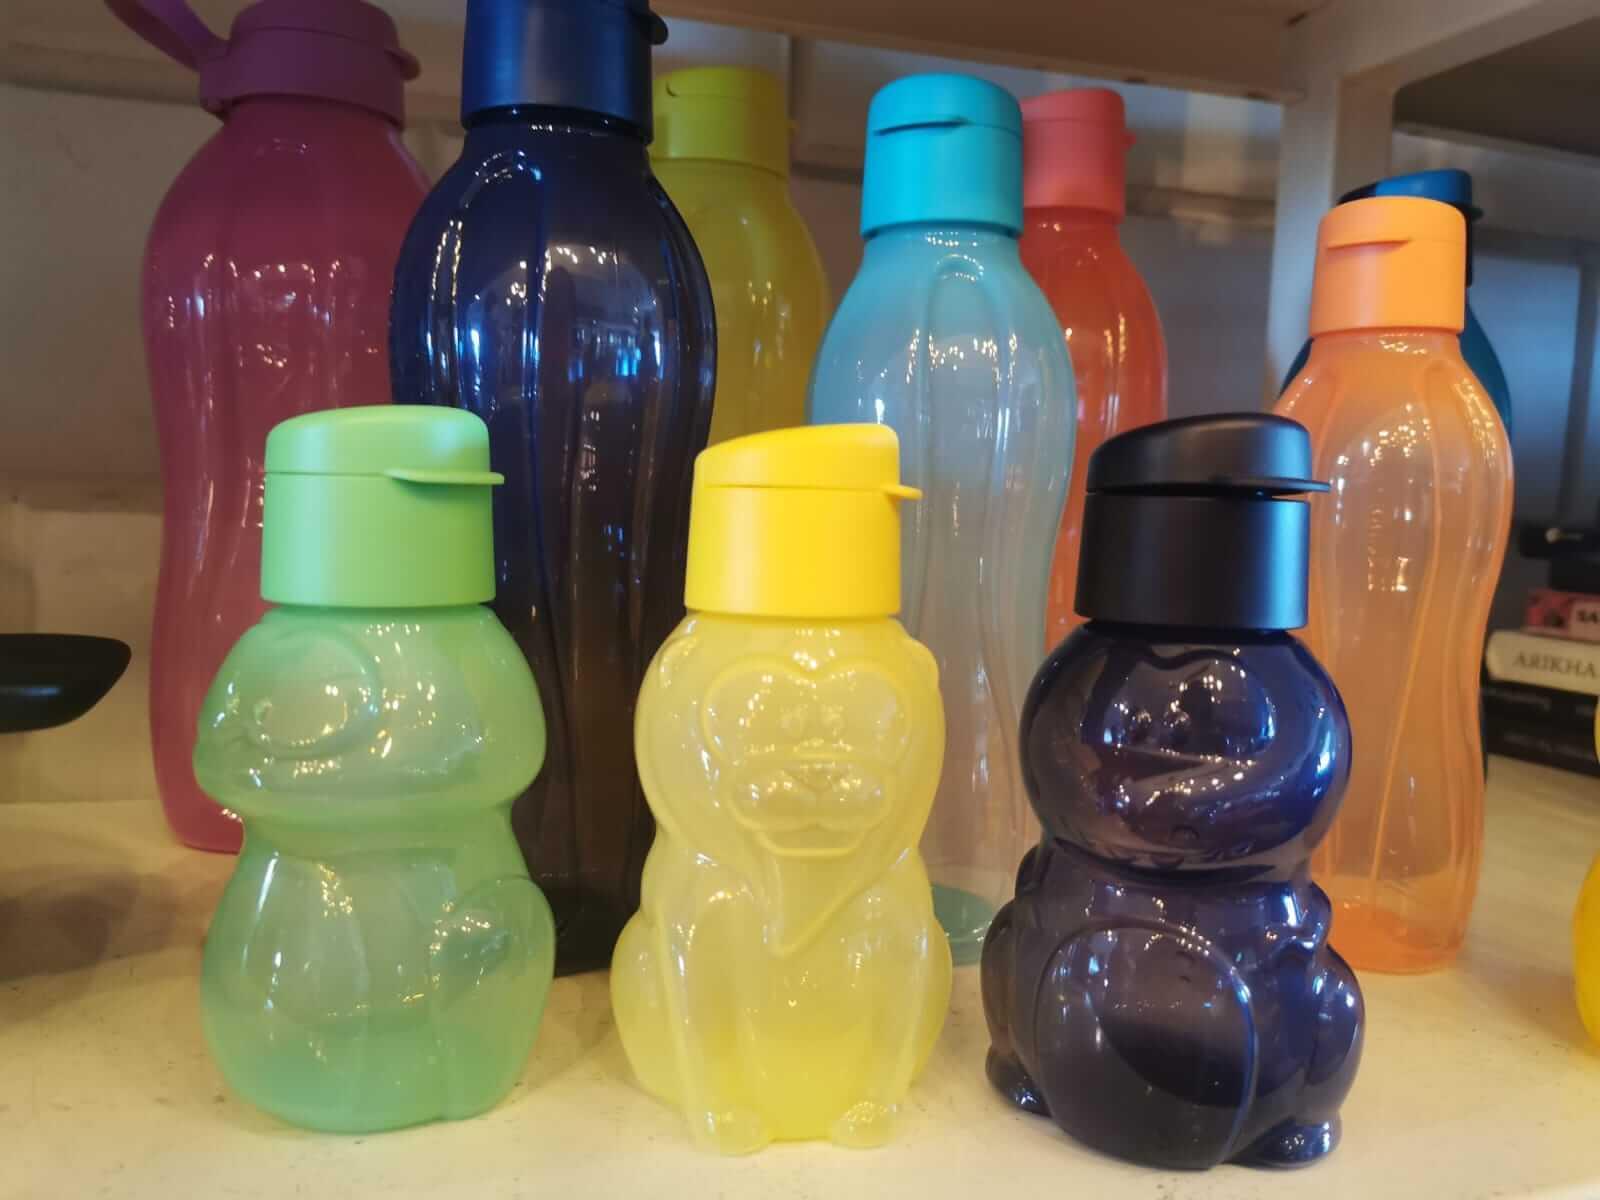 בקבוק רב פעמי TUPPERWARE